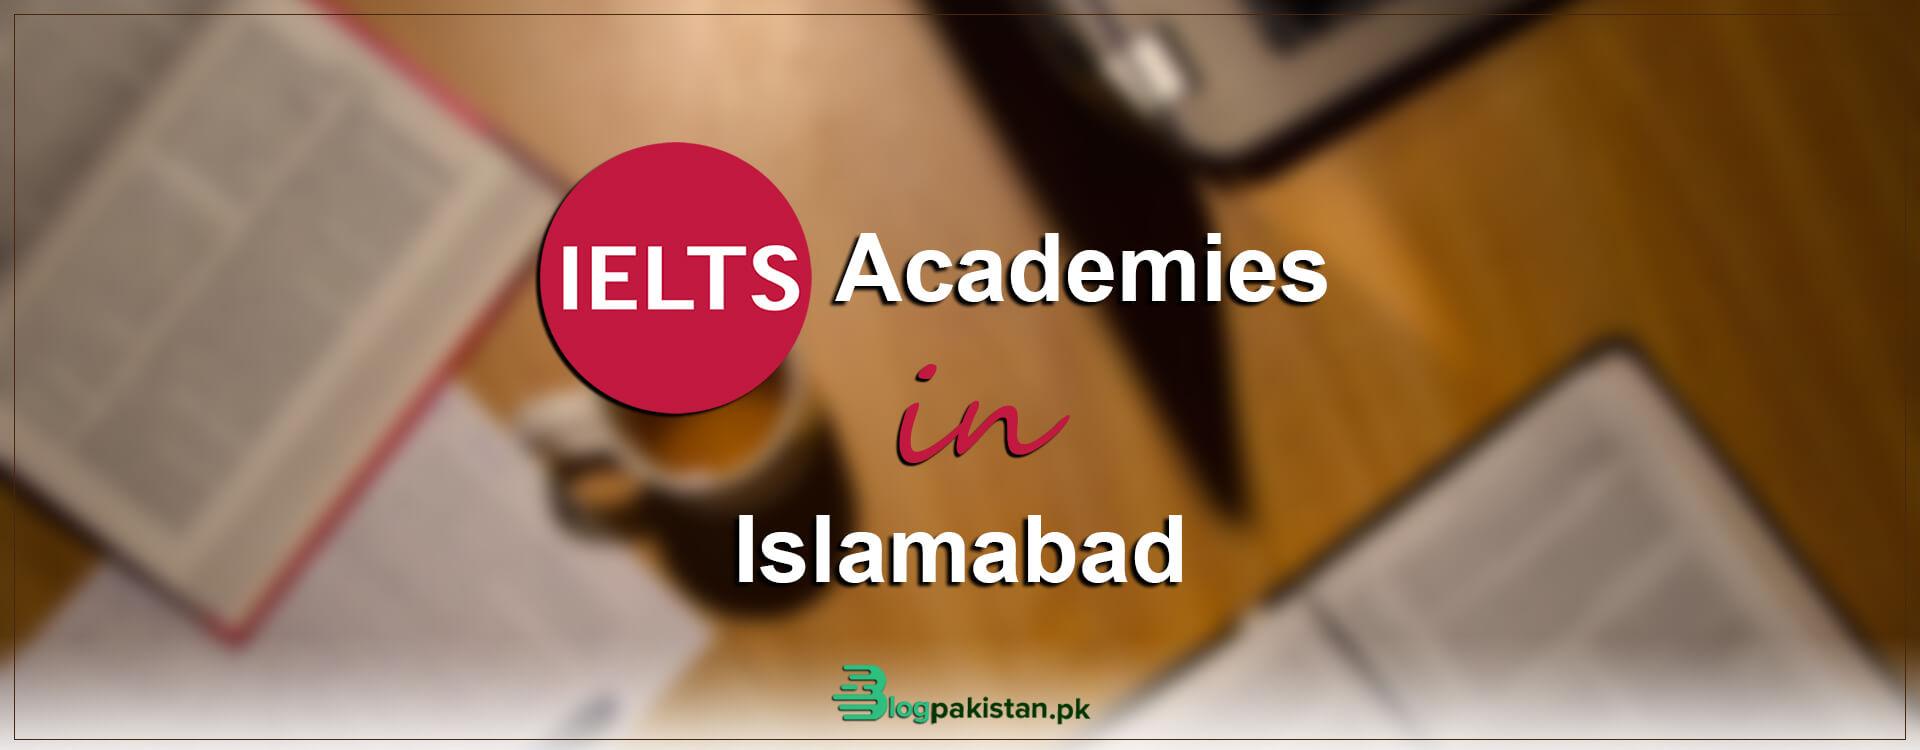 IELTS academies in Islamabad